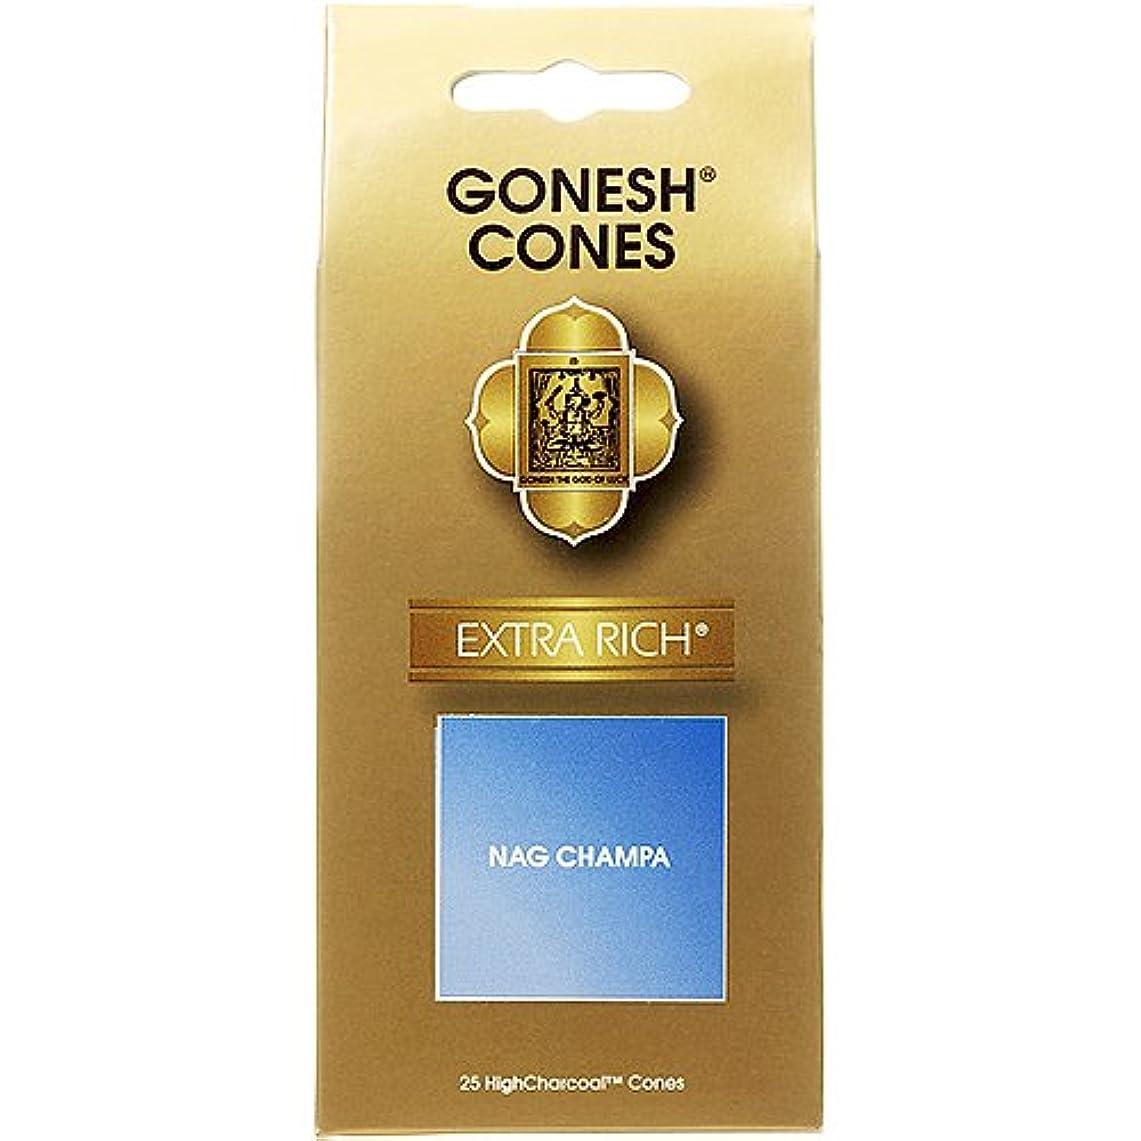 小康実際のグローブガーネッシュ(GONESH) エクストラリッチ インセンス コーン ナグチャンパ 25ヶ入